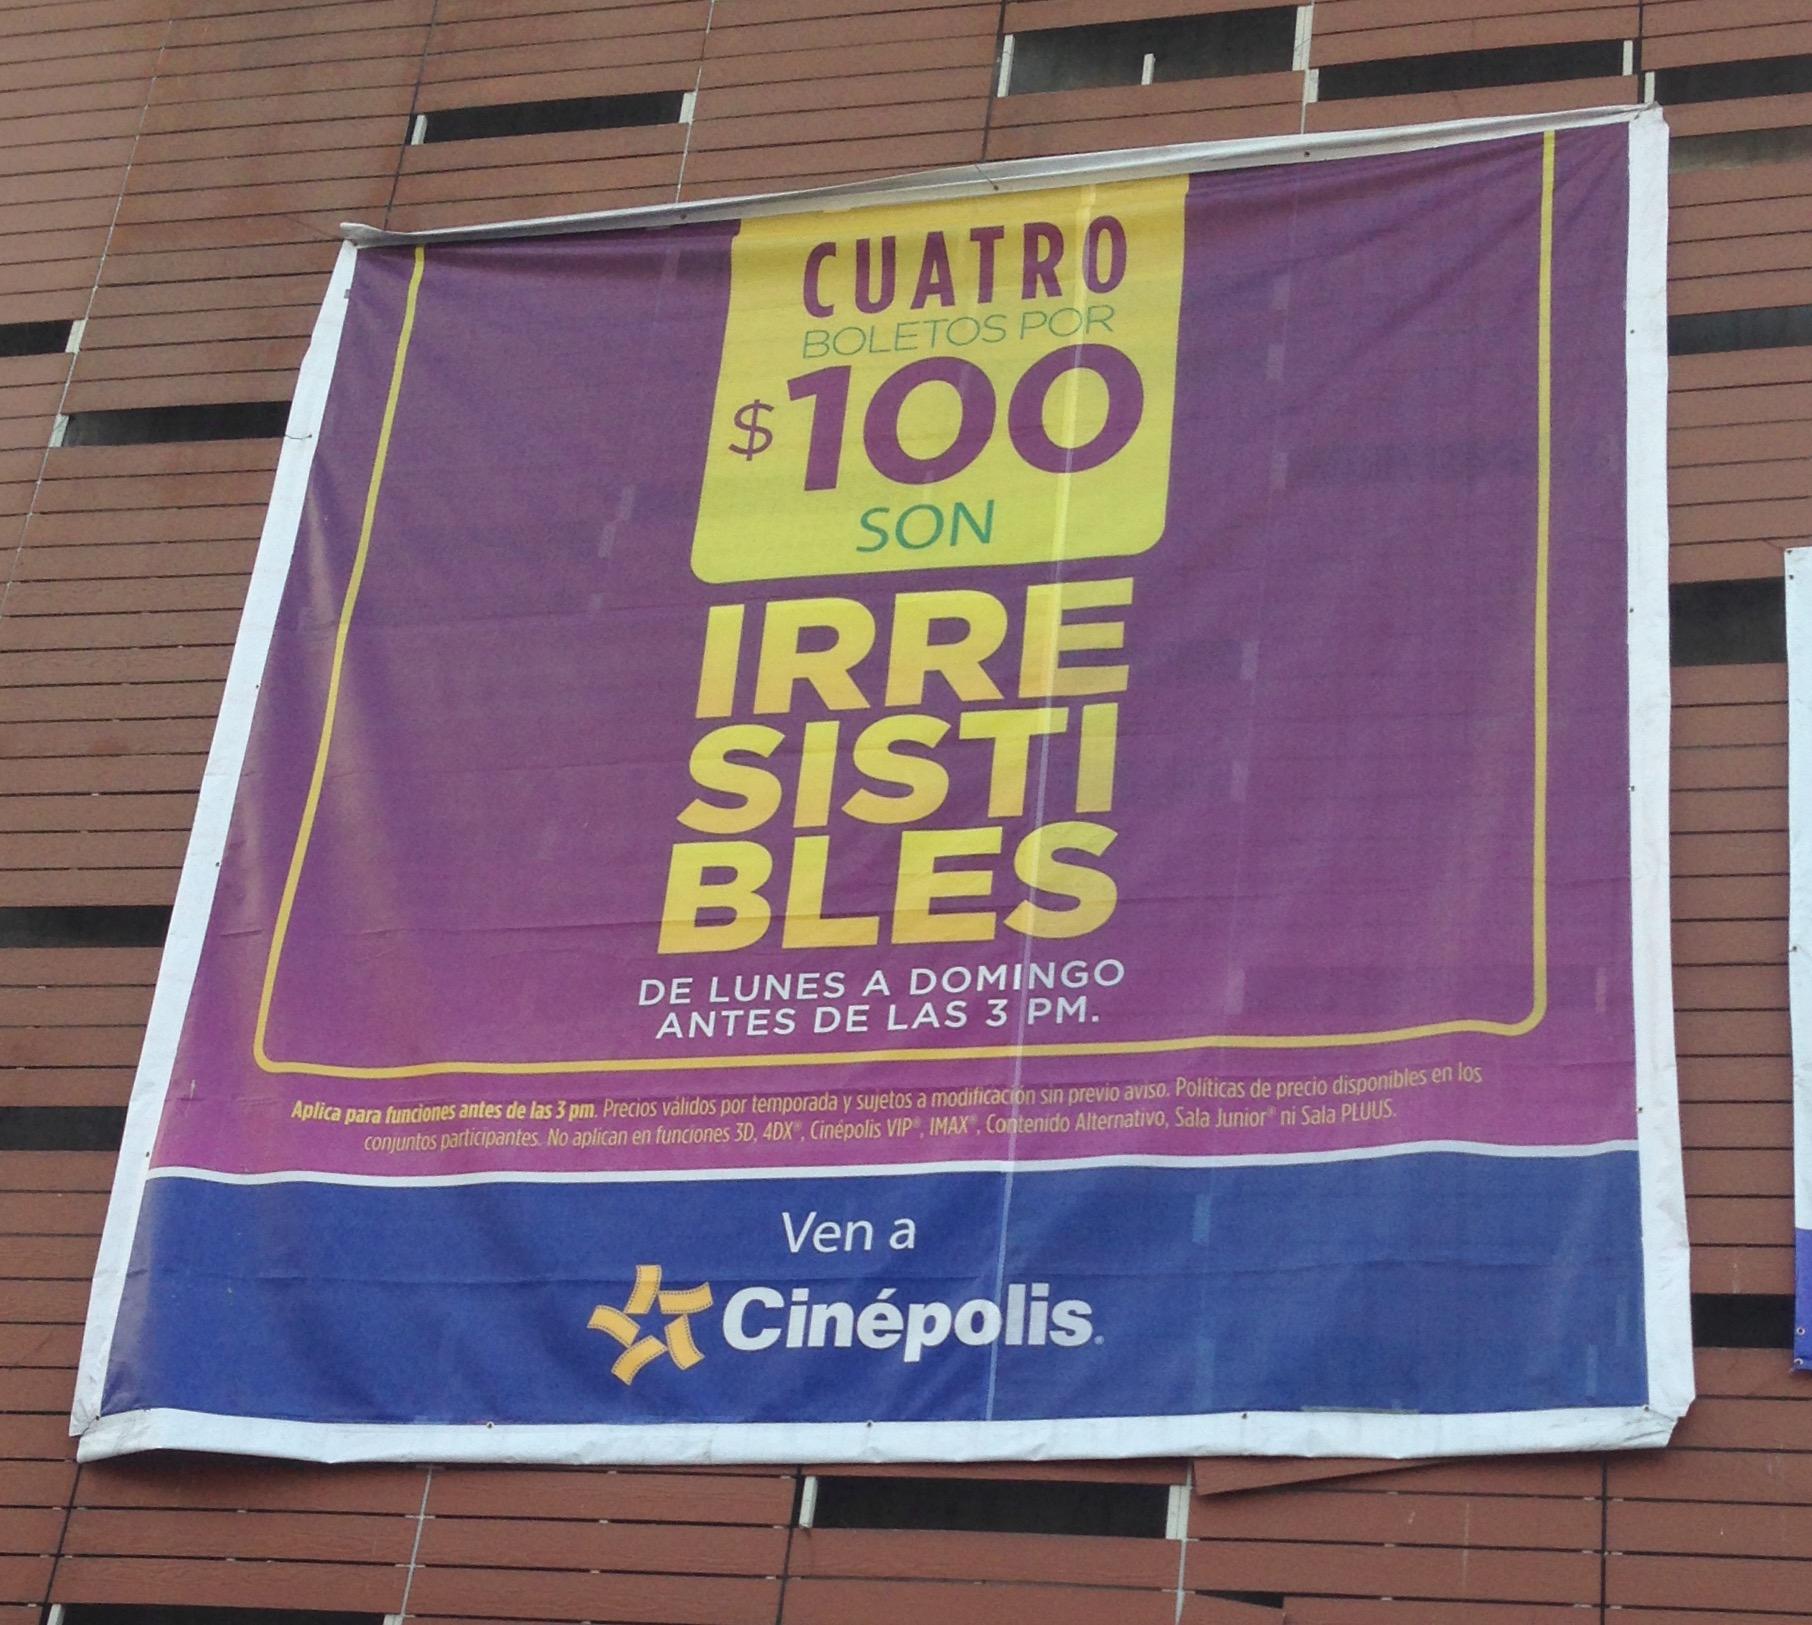 Cinépolis: 4 Boletos x $100